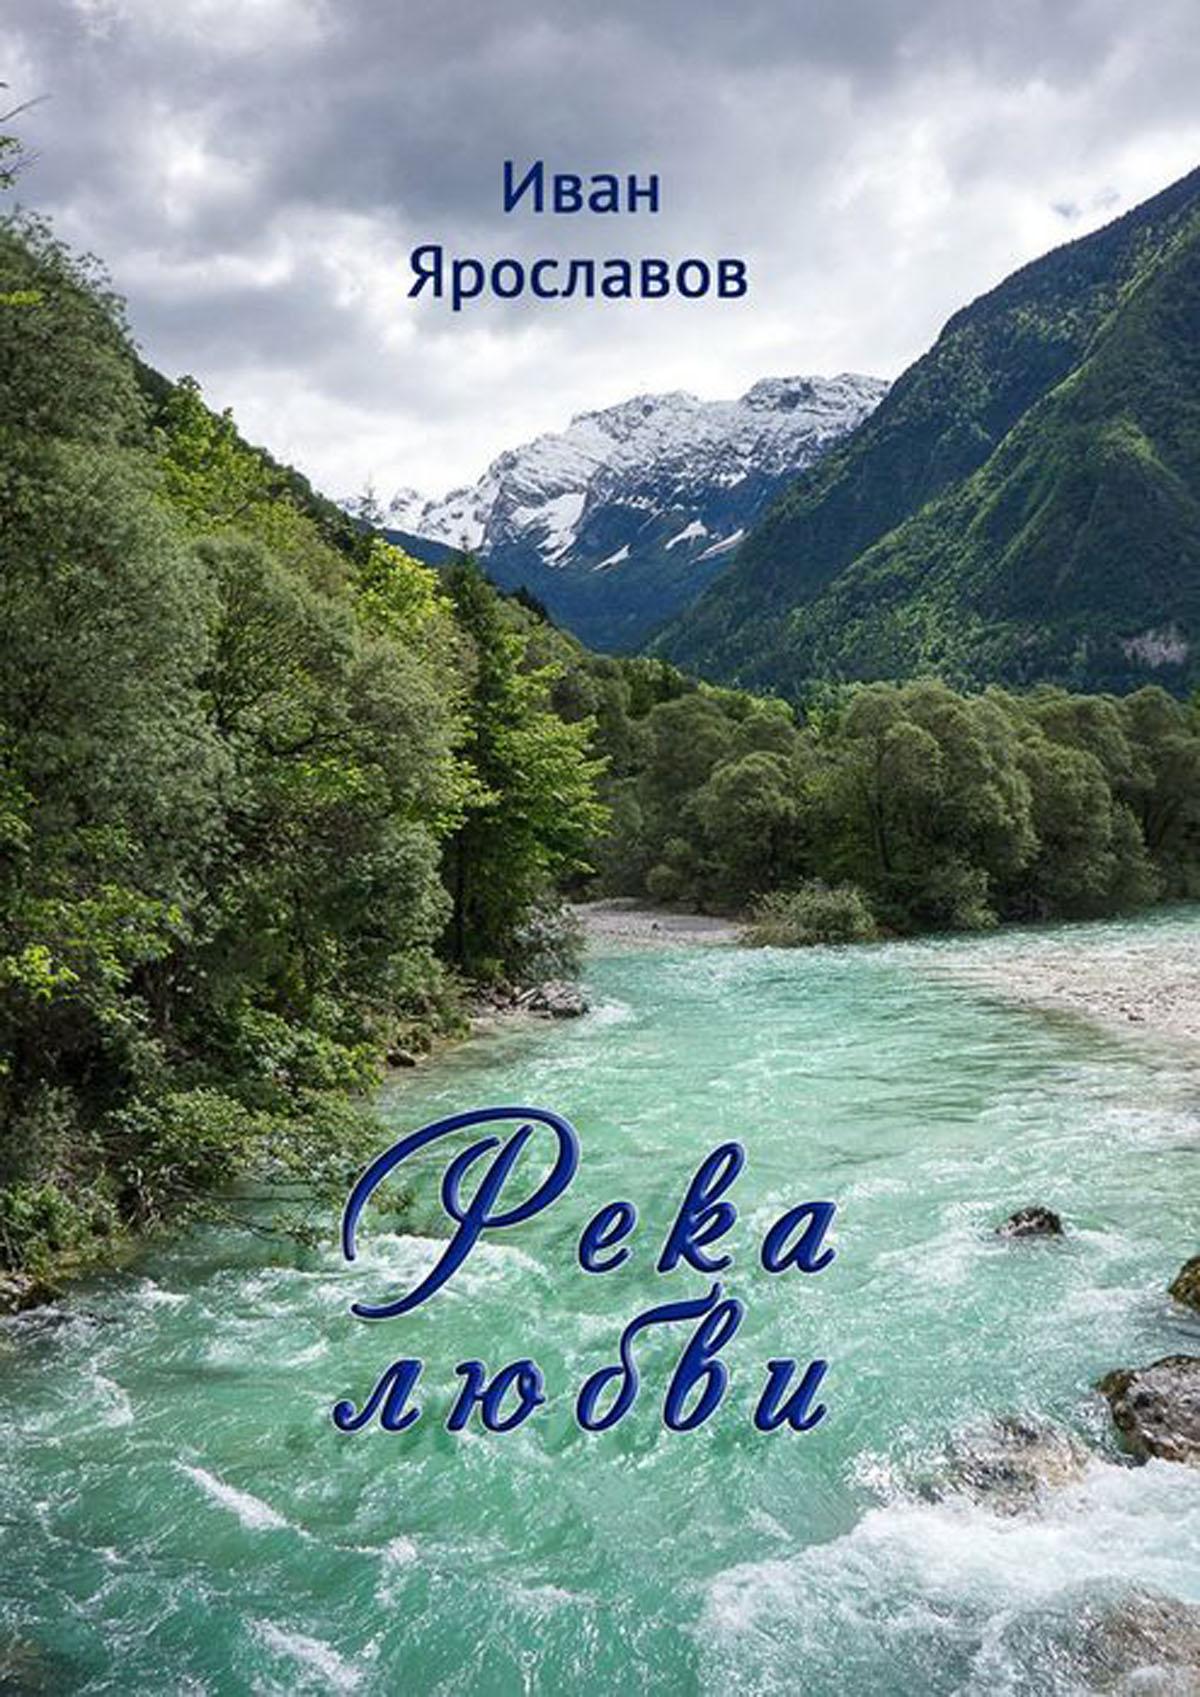 Ярославов Иван Река любви торшер lucide arjan 34732 03 41